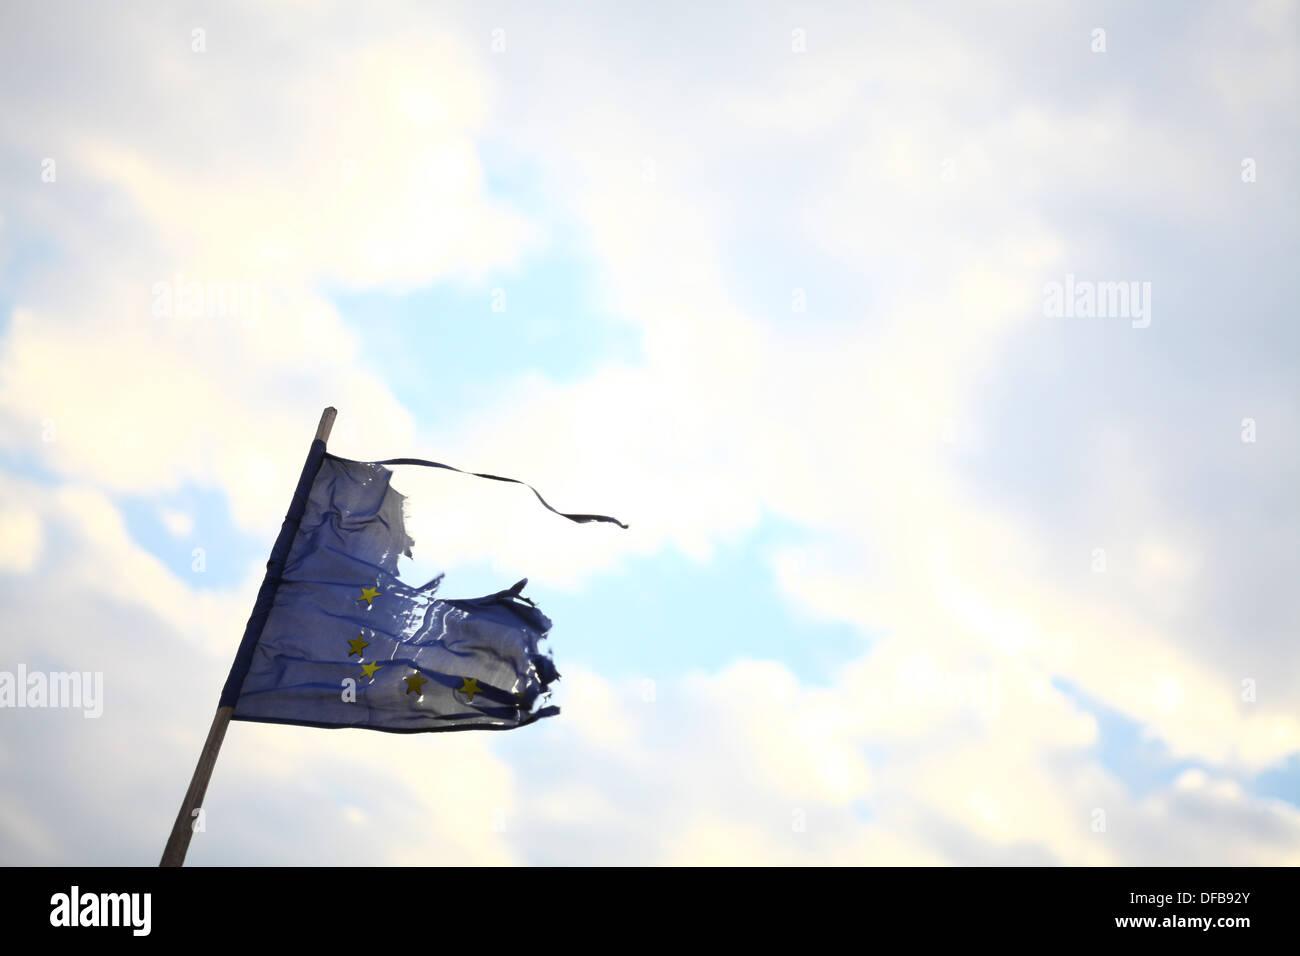 La rupture d'un drapeau de l'Union européenne Photo Stock